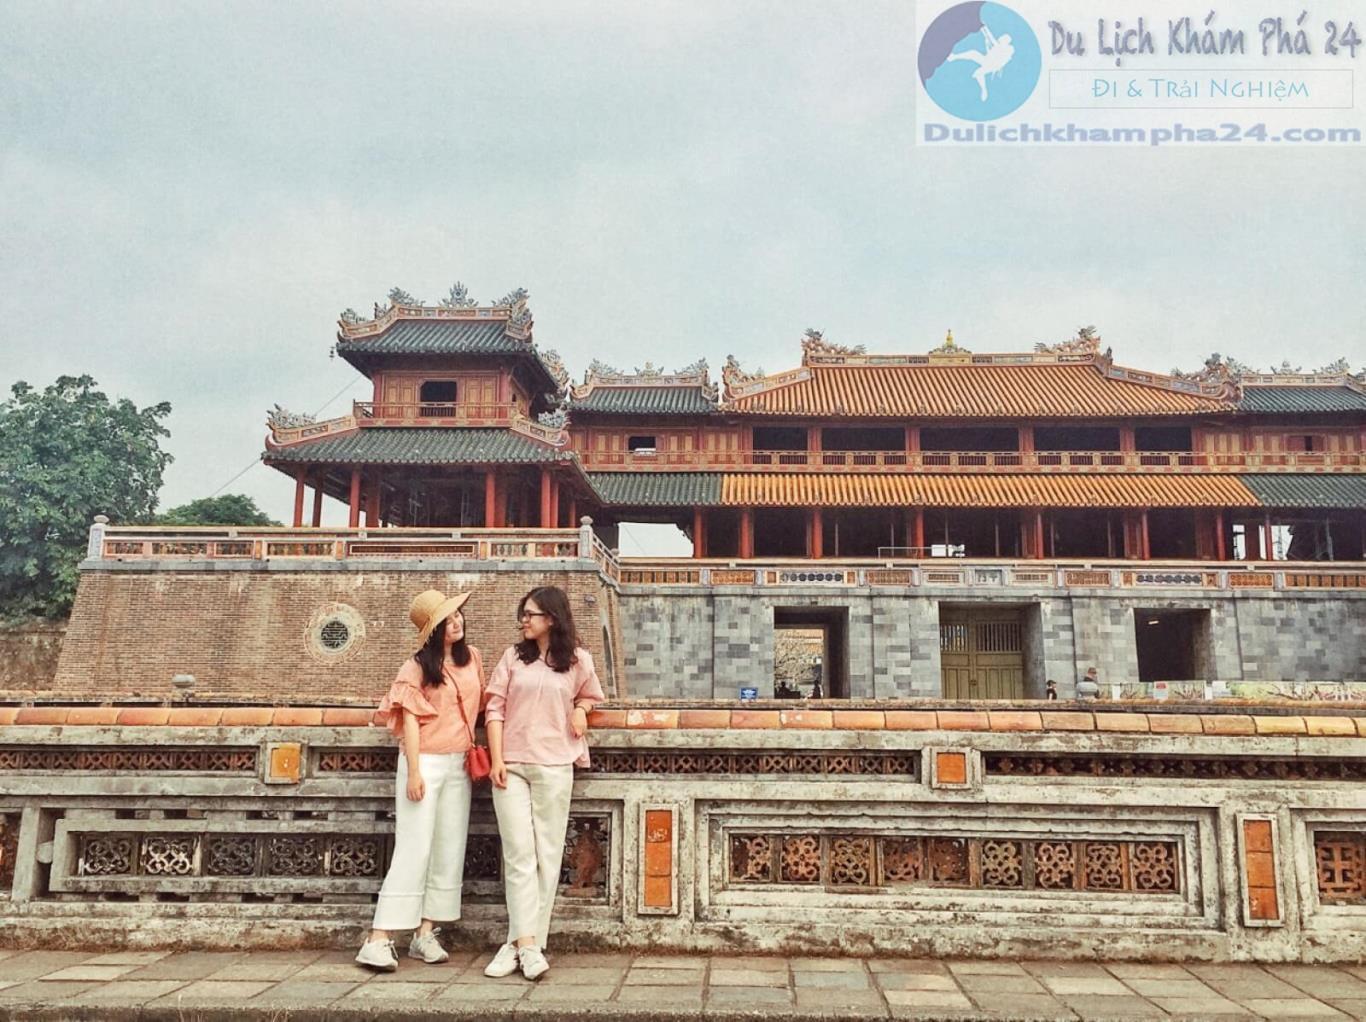 Dulichkhampha24 trang cẩm nang du lịch được yêu thích nhất tại Việt Nam